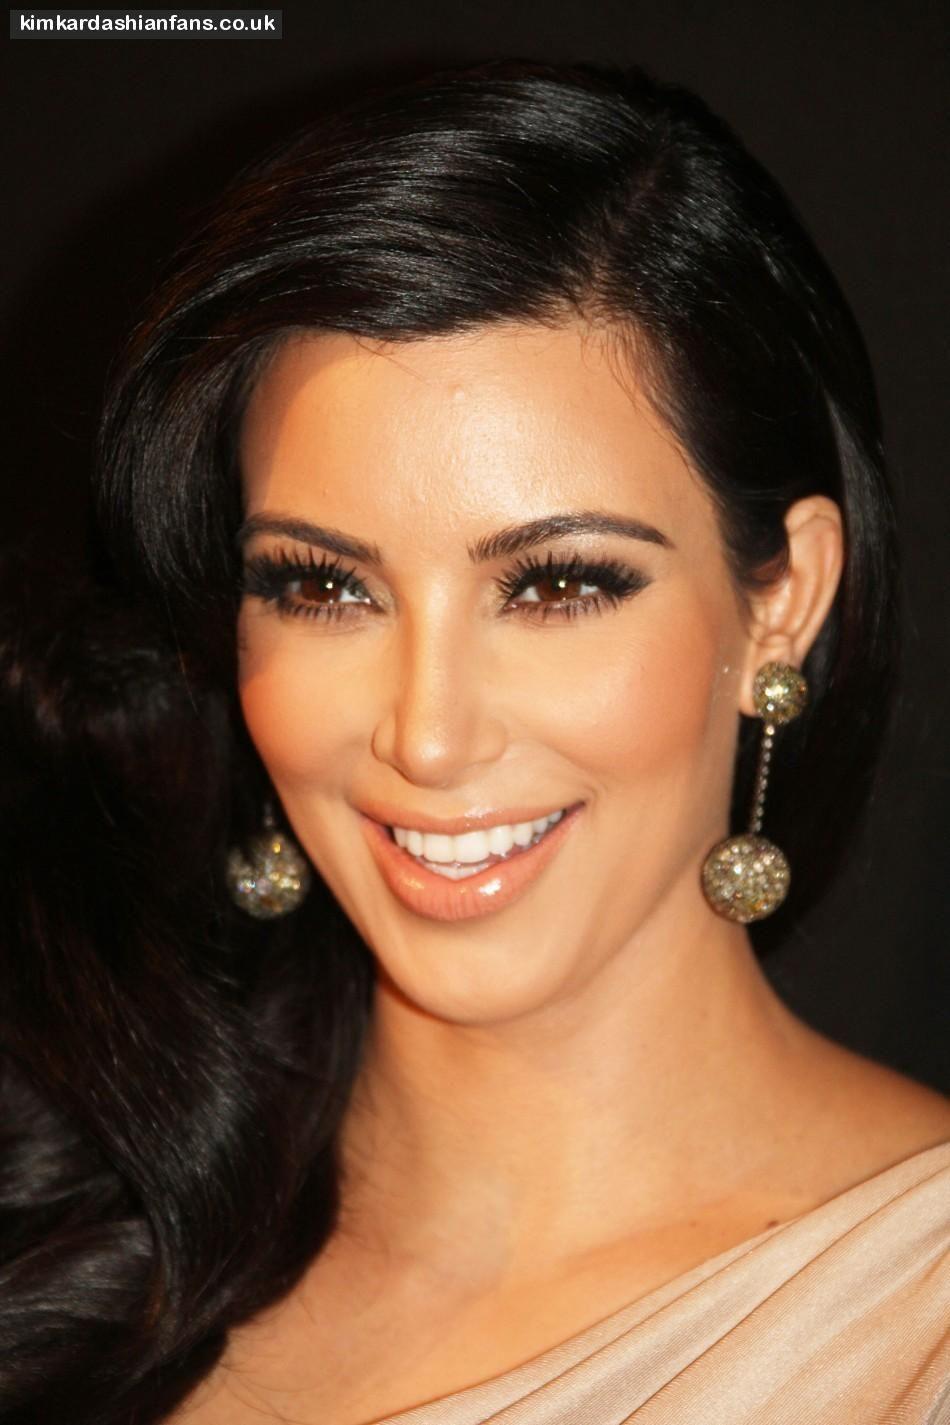 Ezsmokeyeyes Beauty And Makeup Tips Kim Kardashian Makeup Kardashian Makeup Kim Kardashian